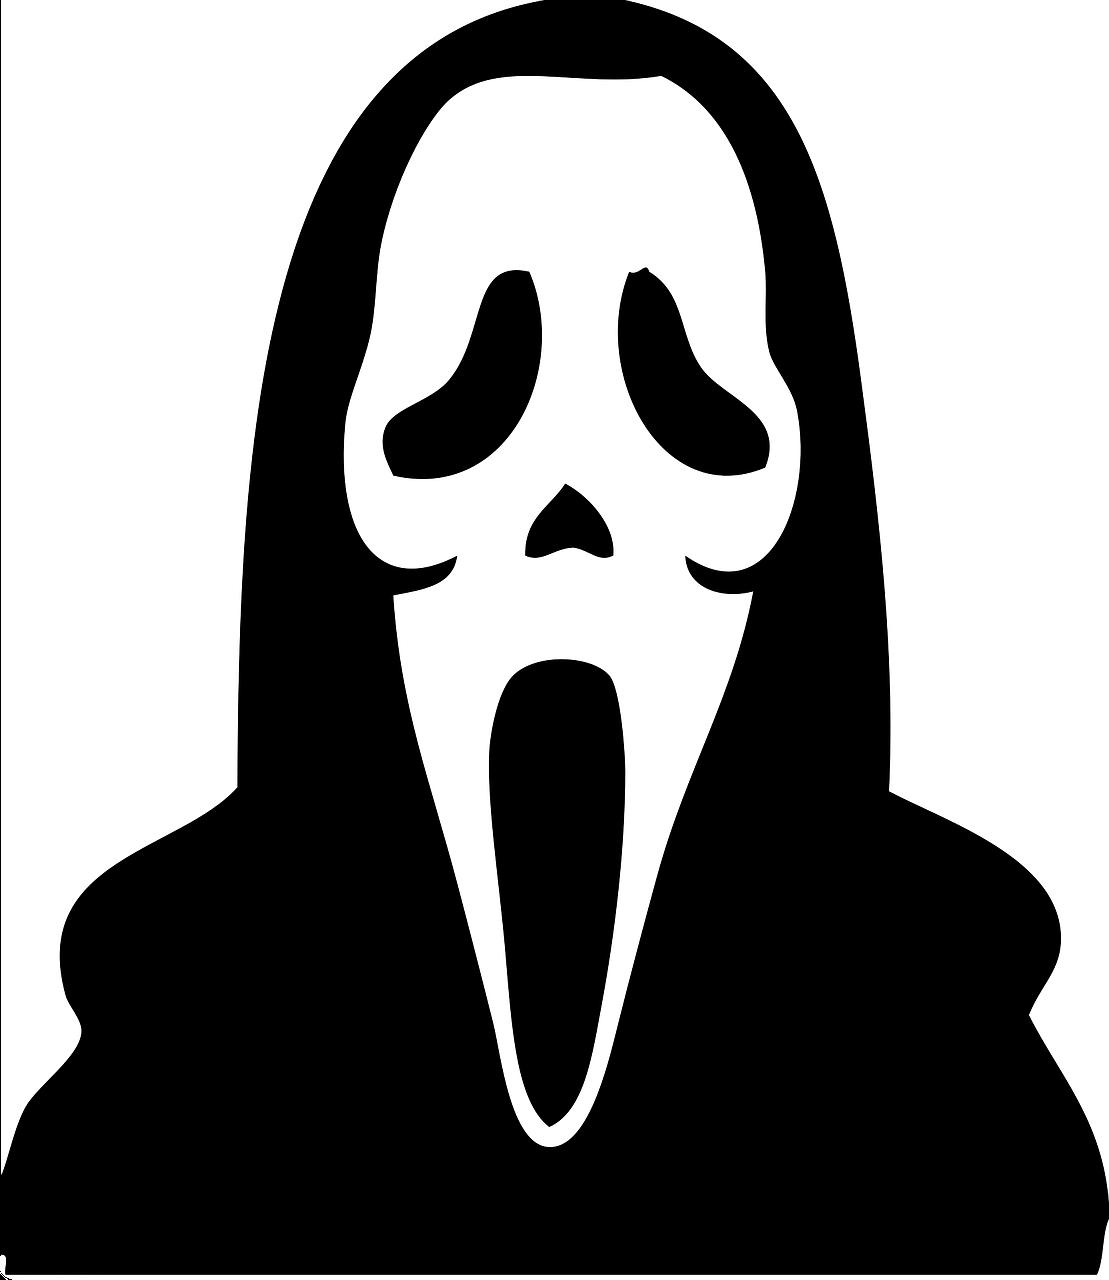 Çığlık filmi maskesi resmi